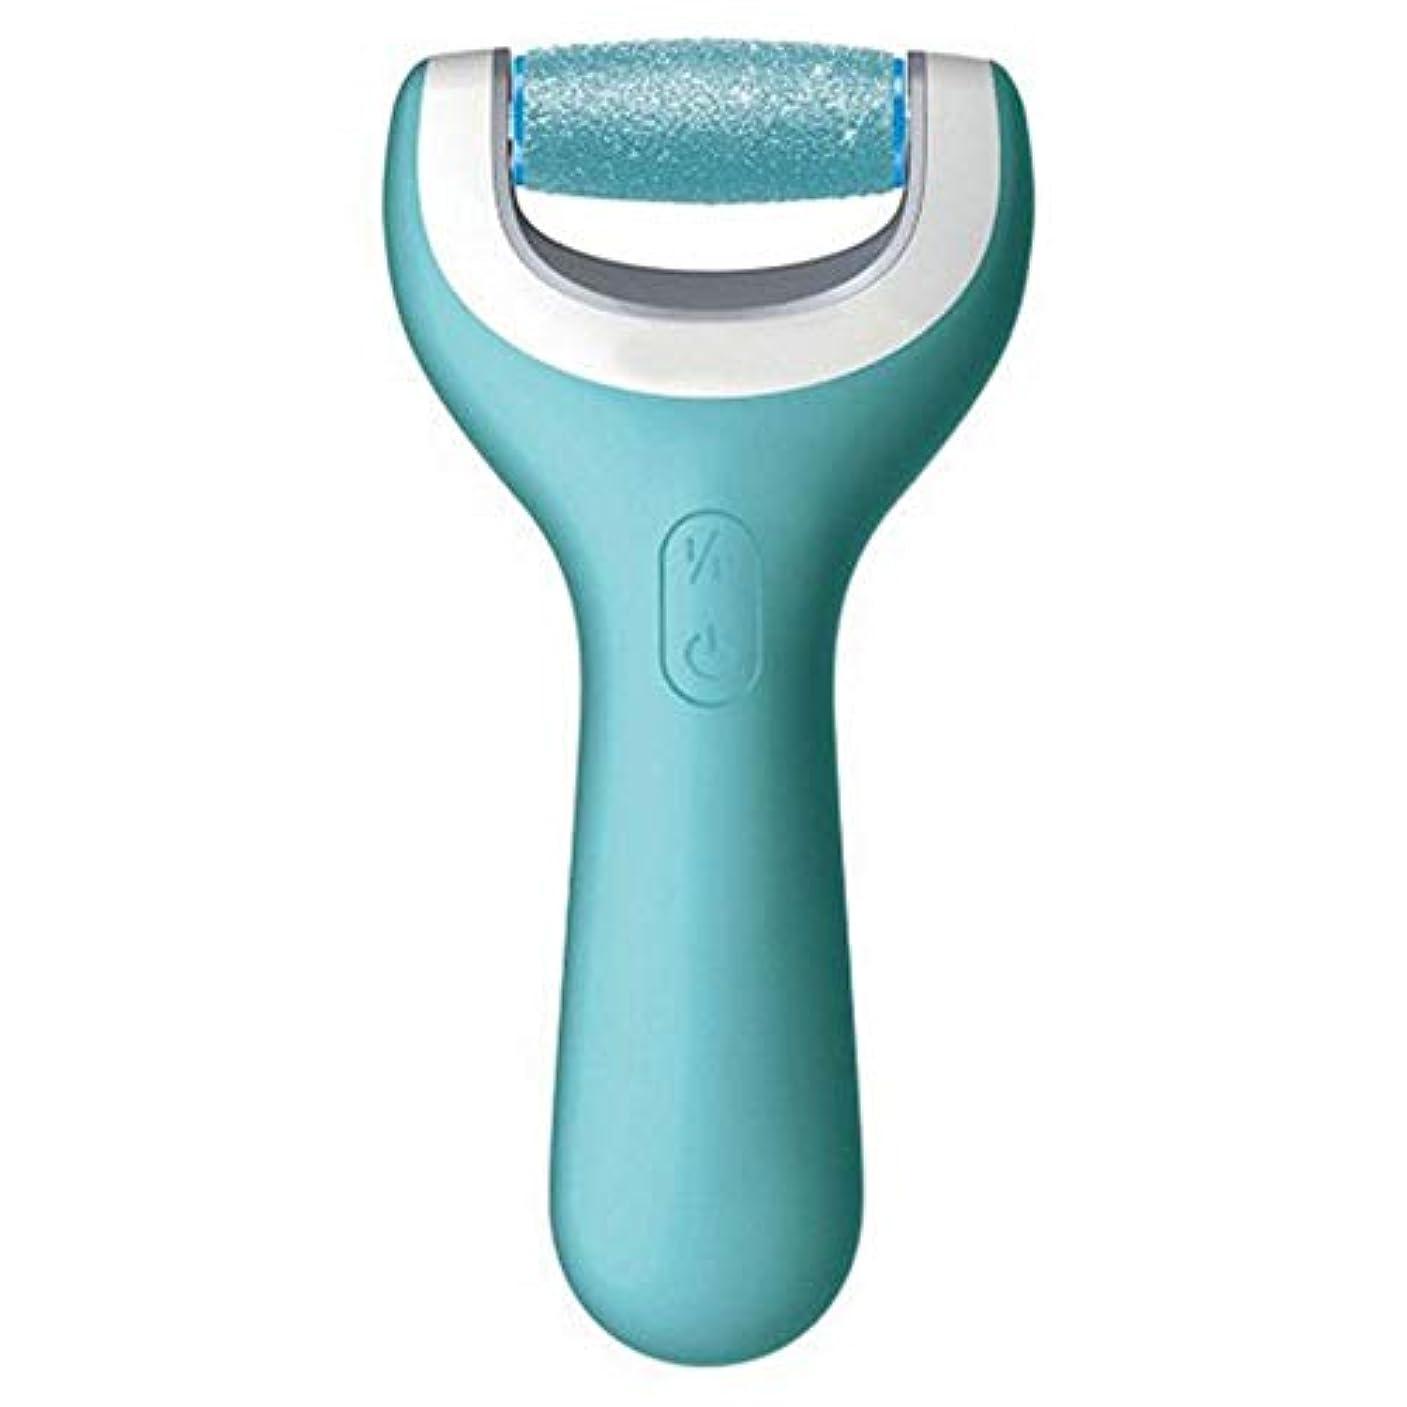 可塑性ライター覚えている足乾燥ひびの入ったデッドスキン防水電動フットグラインダーローラー用USB充電式フットファイル ペディキュアツール (色 : 青, サイズ : Free size)